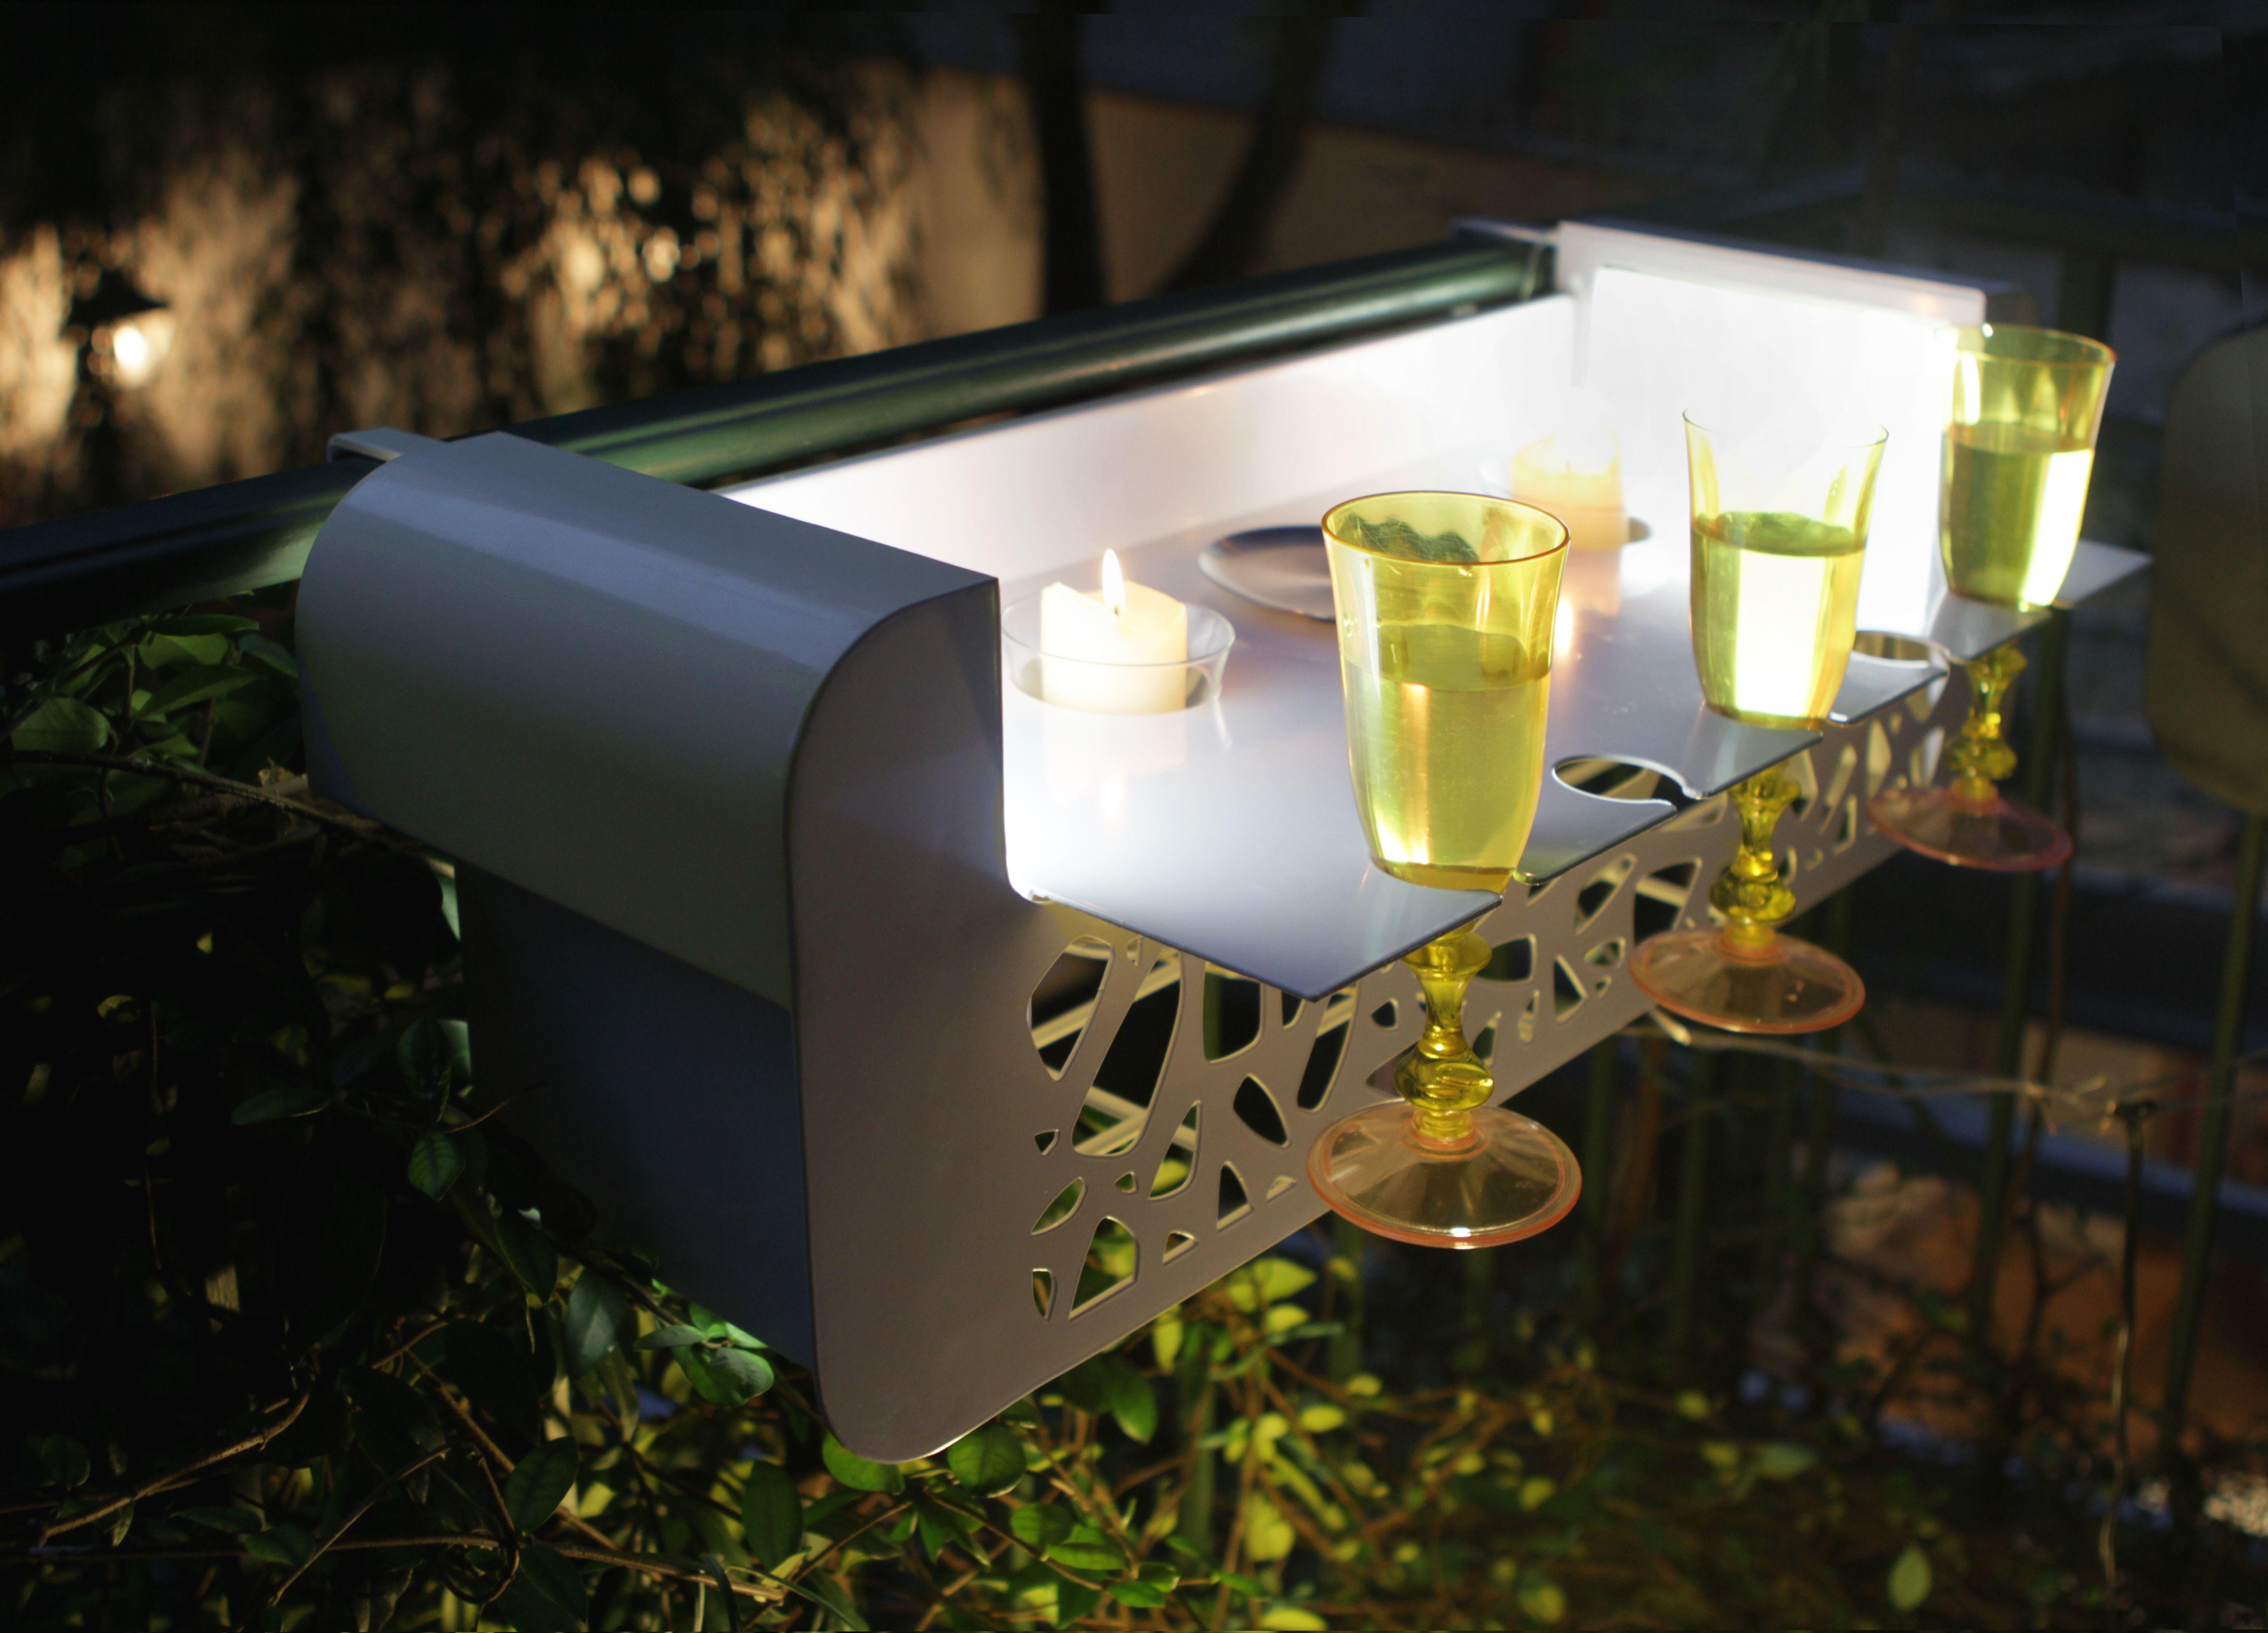 Fioriera da balcone/terrazzo con illuminazione a led in acciaio inox ...